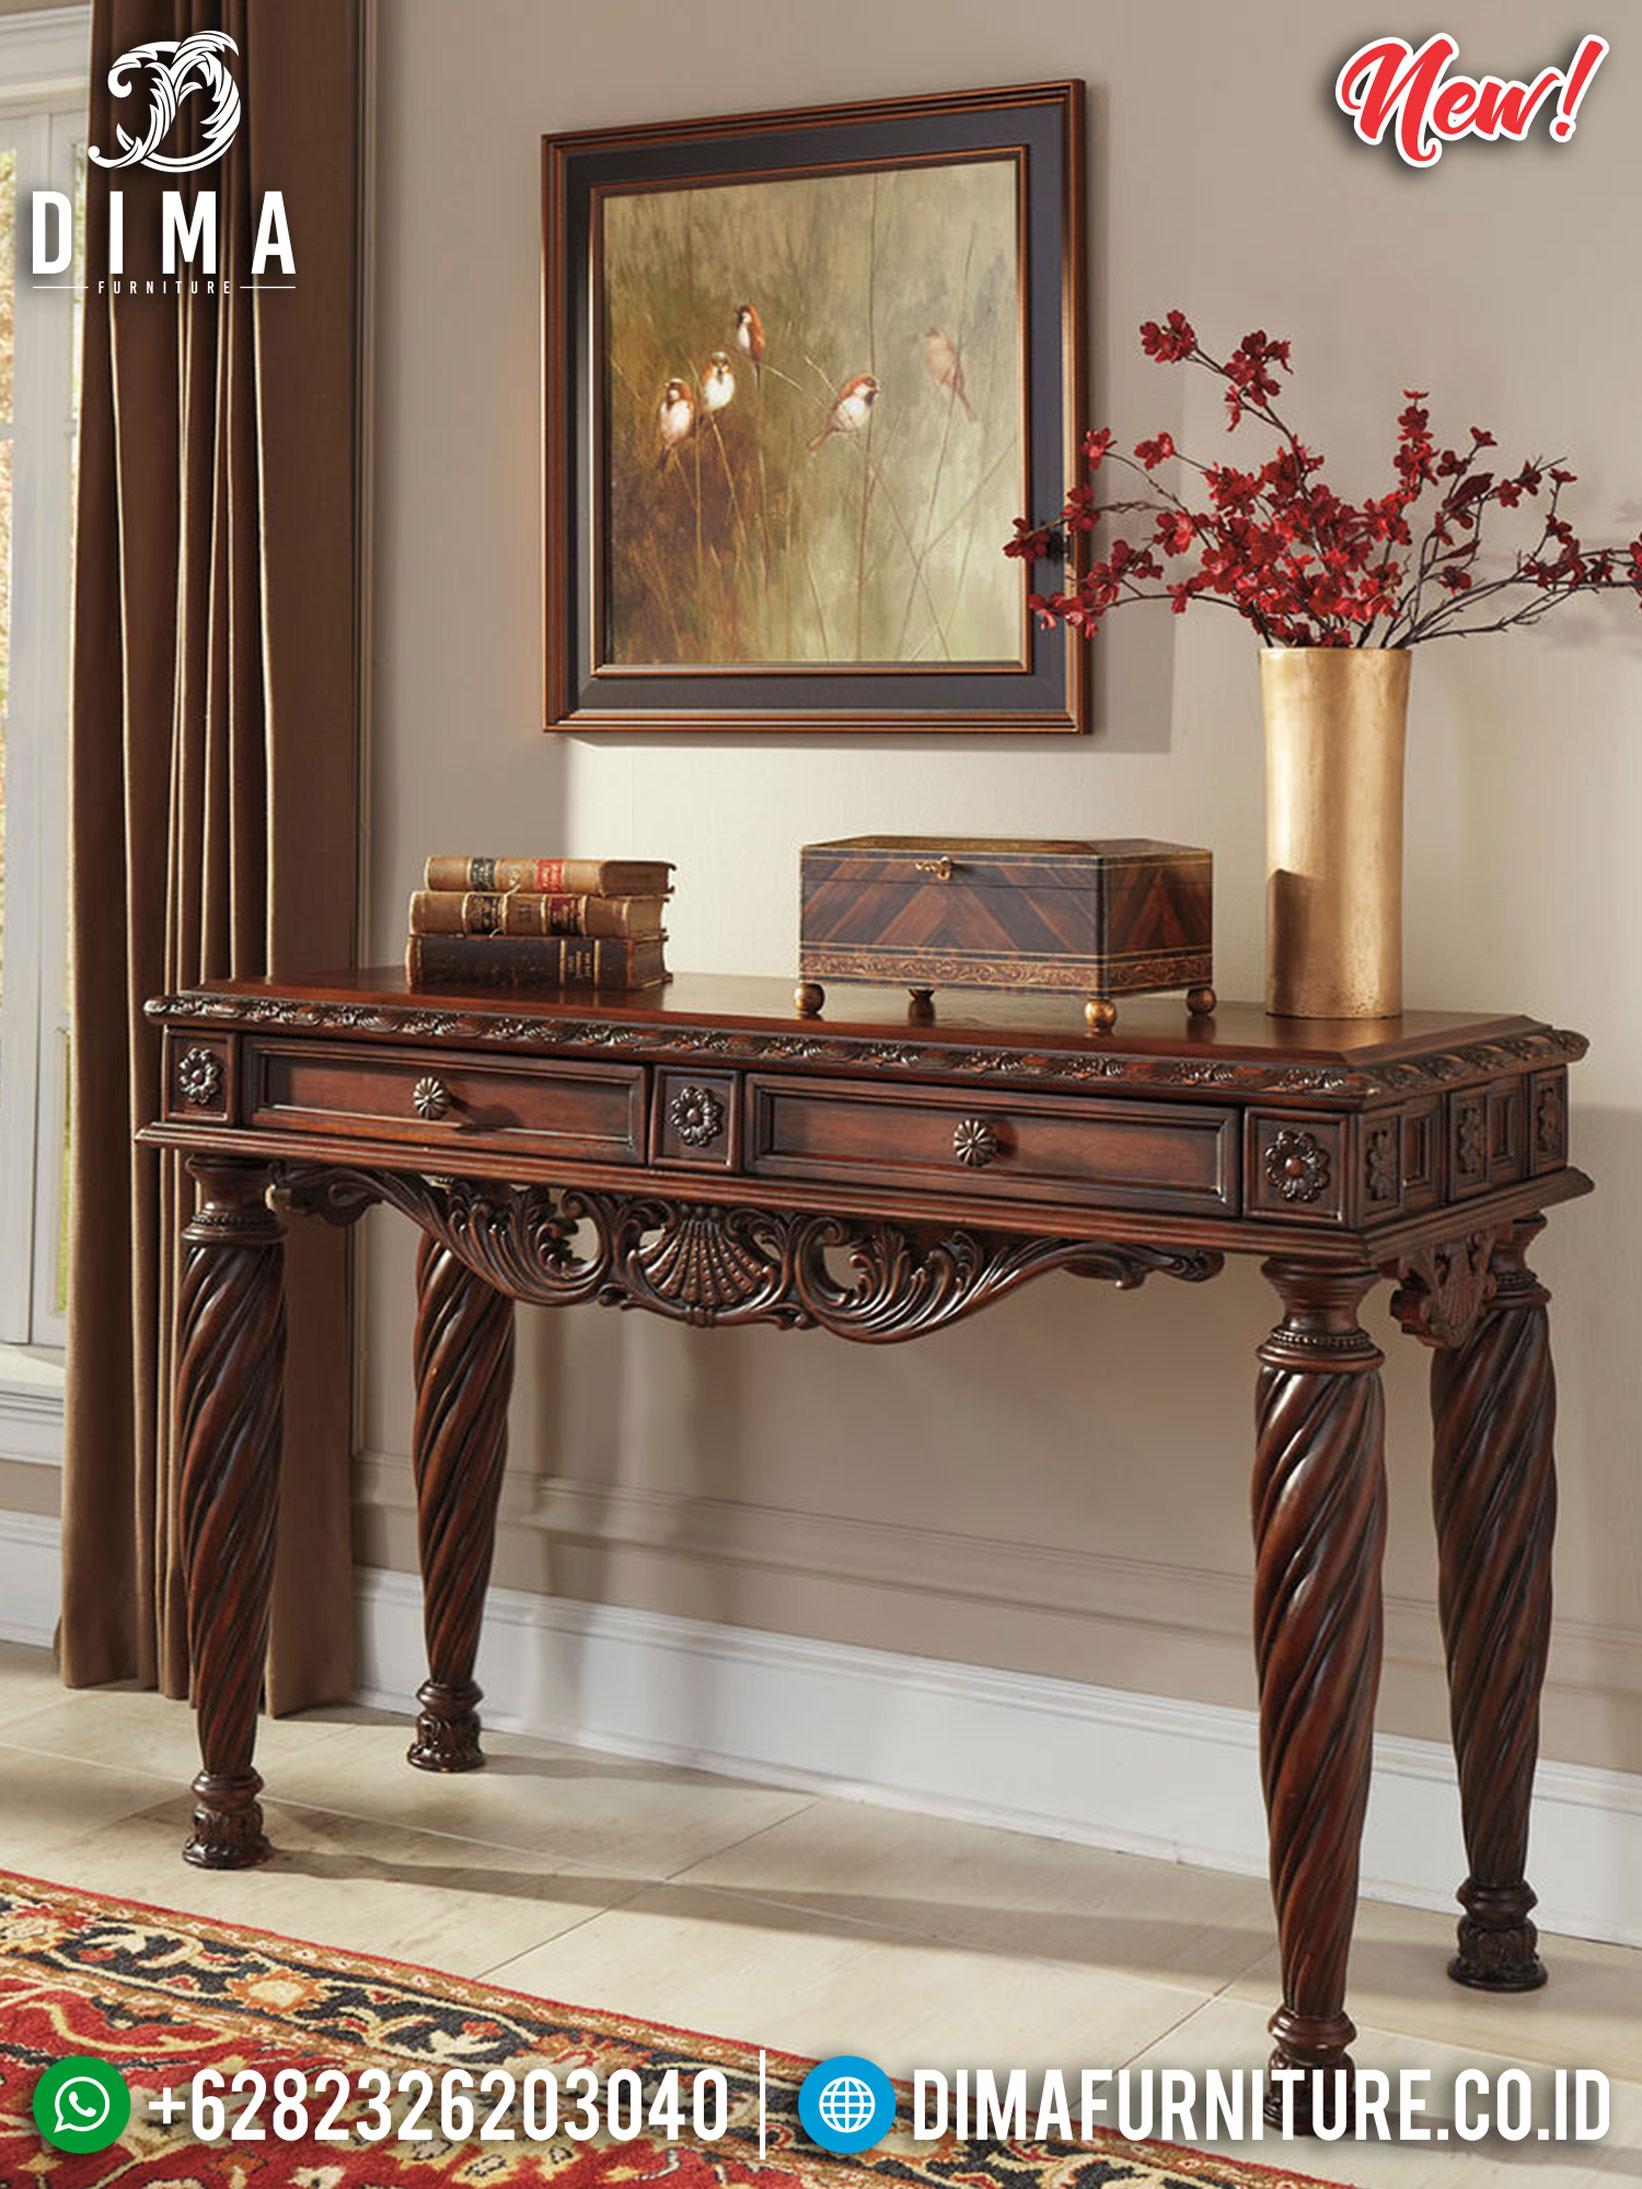 Harga Meja Konsul Jati Ukiran Klasik New Style Furniture Jepara Update TTJ-1162